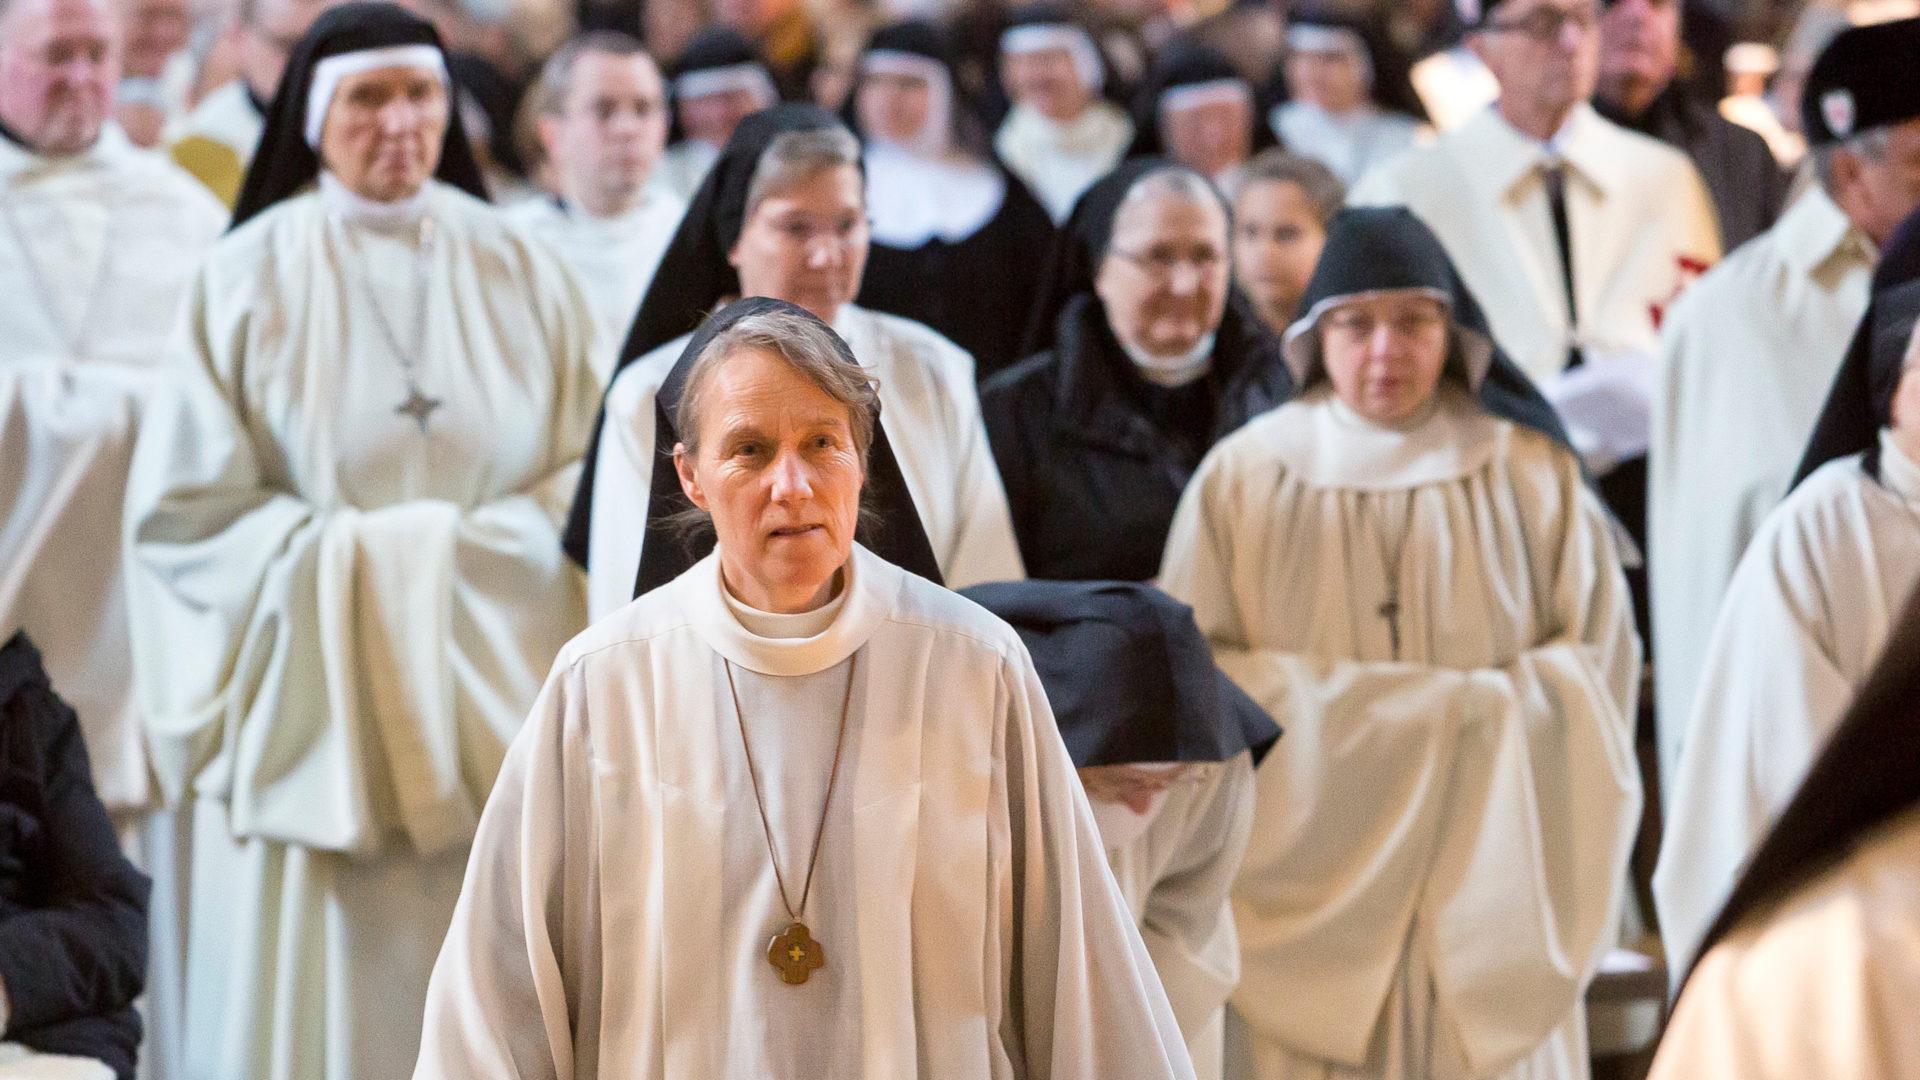 Ordensfrauen an der Abtweihe von Vinzenz Wohlwend am 2. Januar 2019 | © Mathis Fotografie GmbH, Hohenems